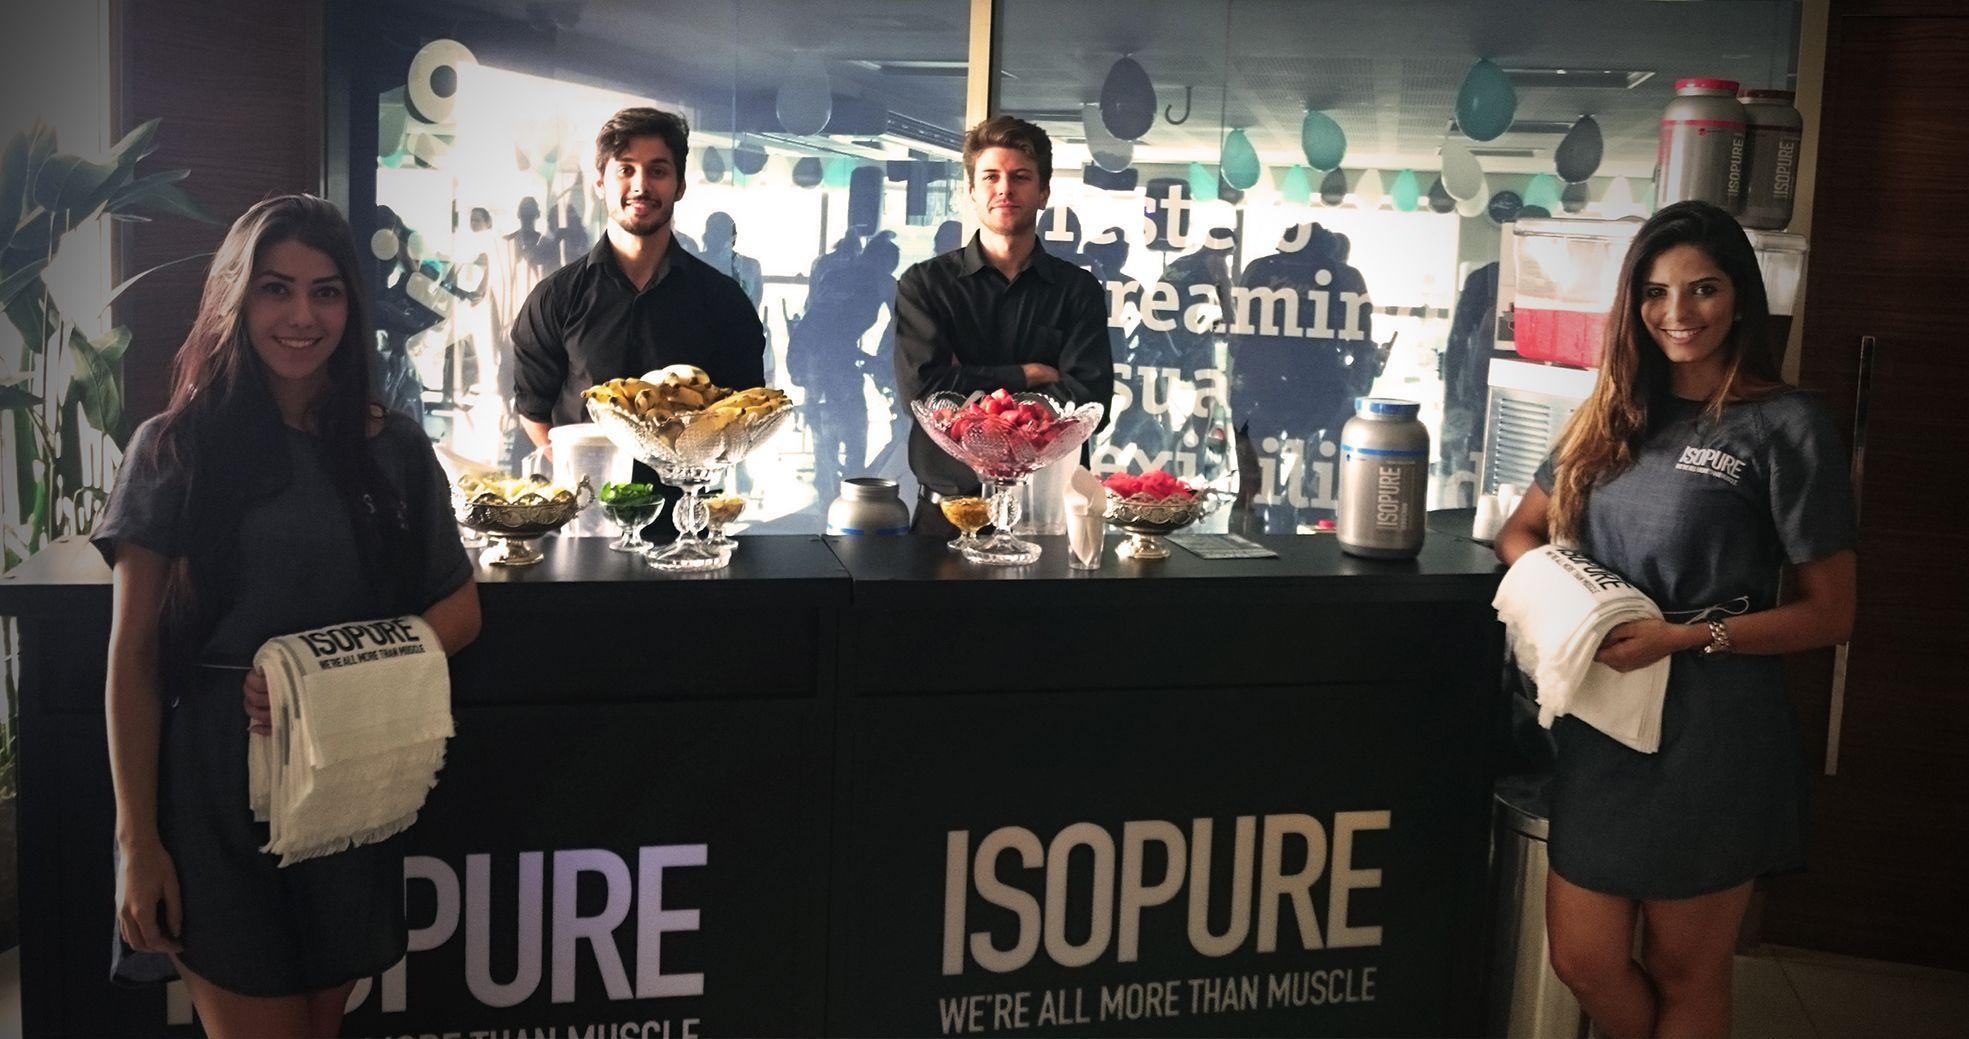 Ação Promocional de Degustação - Glanbia - Lançamento de produtos - Agência DosReis Live Marketing